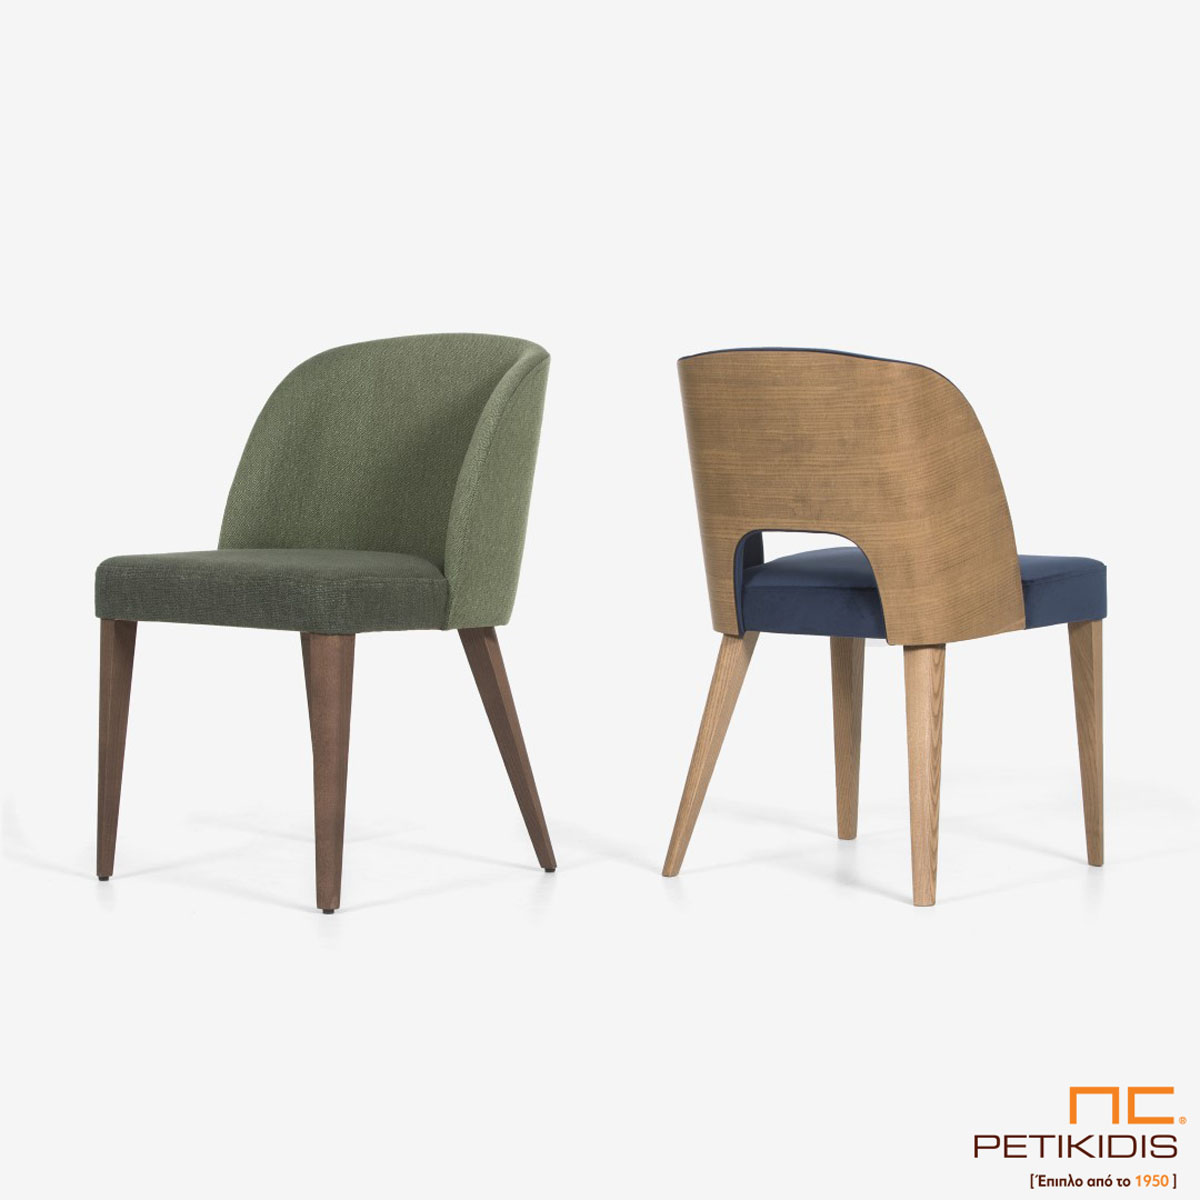 Καρέκλα Marien Α93 και Marien A93 Plus με υφασμάτινη πλάτη και ξύλινη.